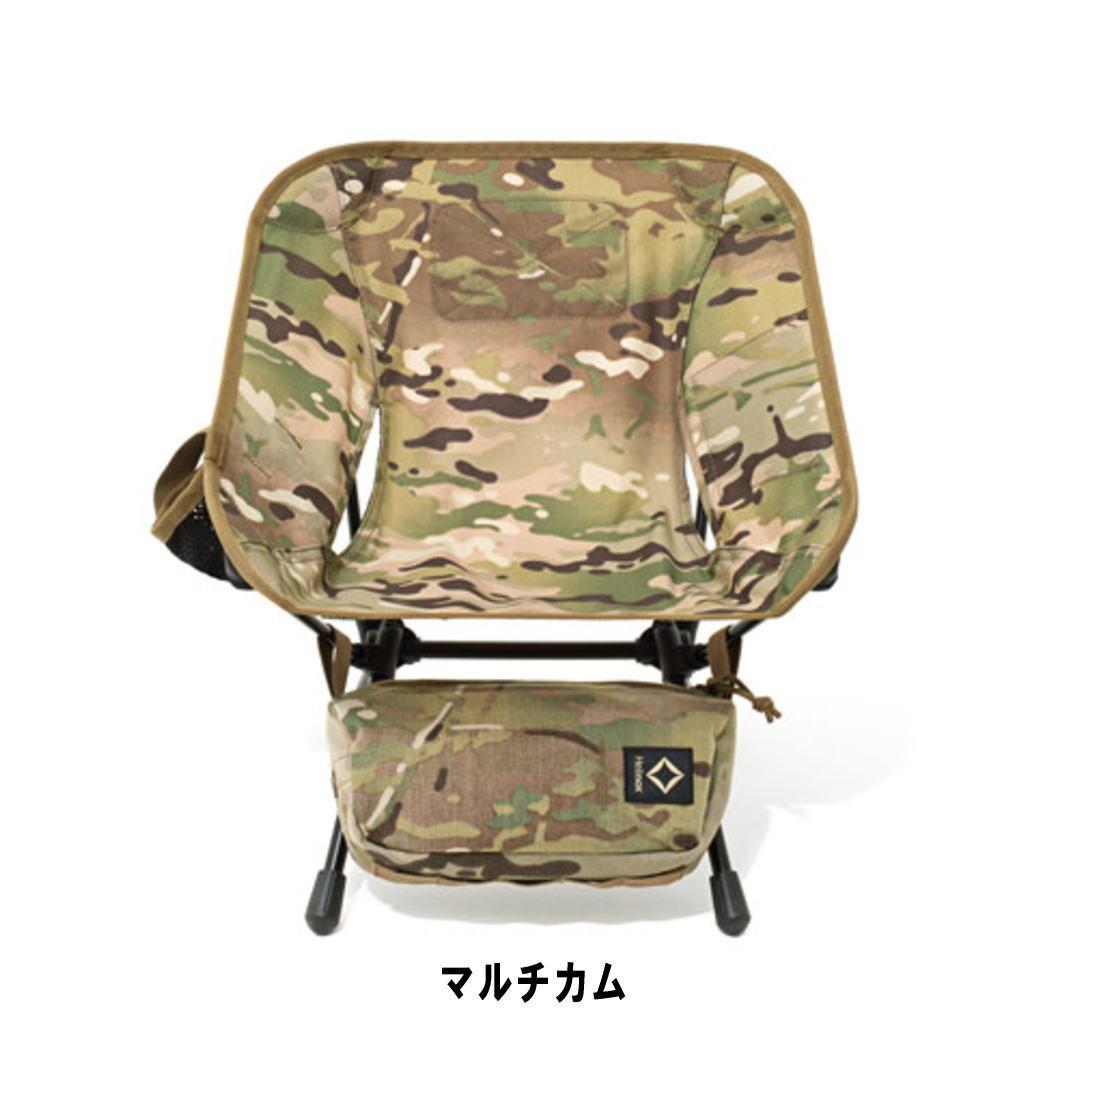 ヘリノックス タクティカルチェアミニ マルチカム 折りたたみ椅子チェアー  国内正規品